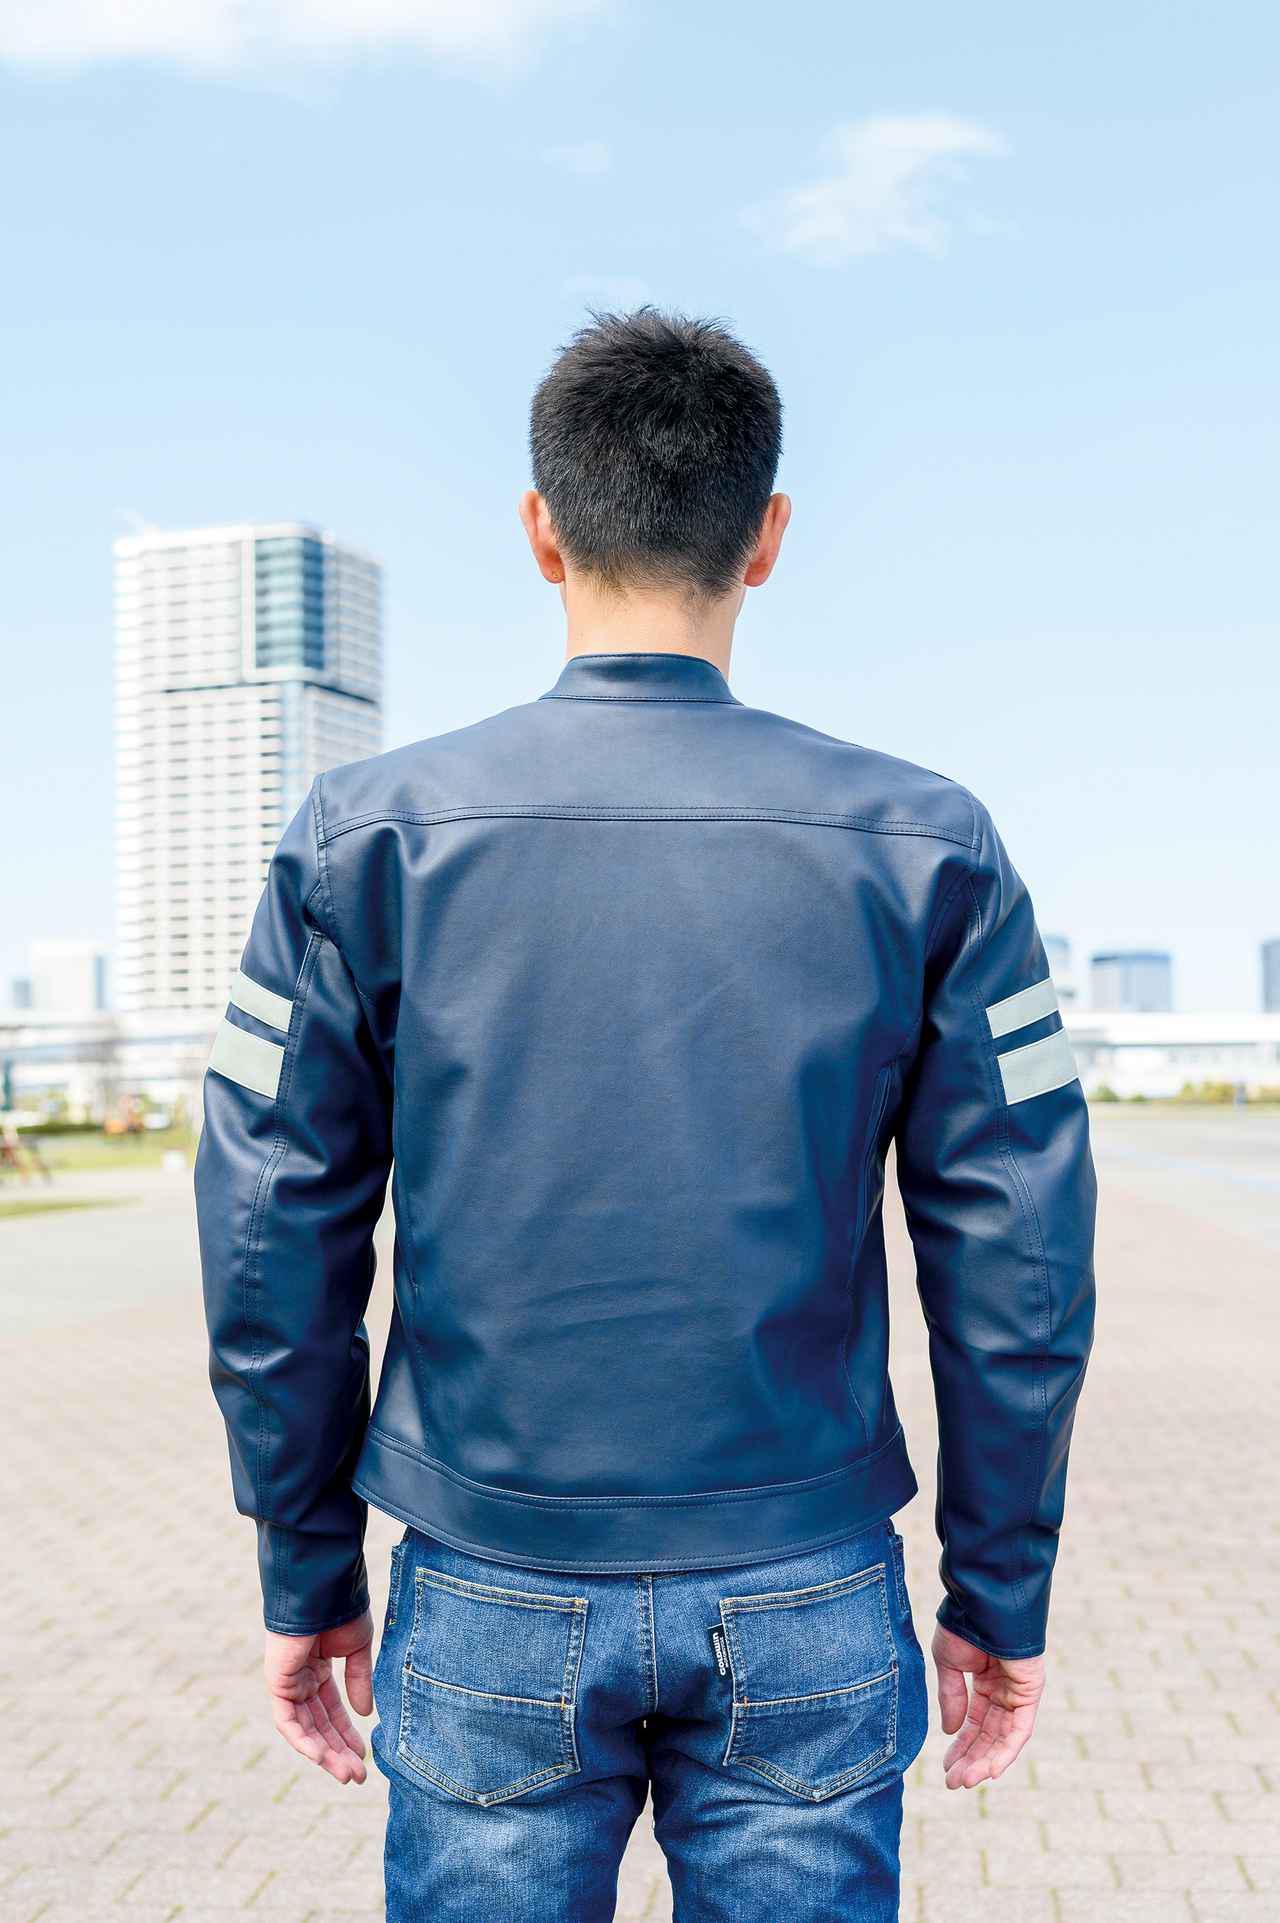 画像: モデルの身長・体重:176cm・67kg 着用ジャケットのサイズ:Lサイズ